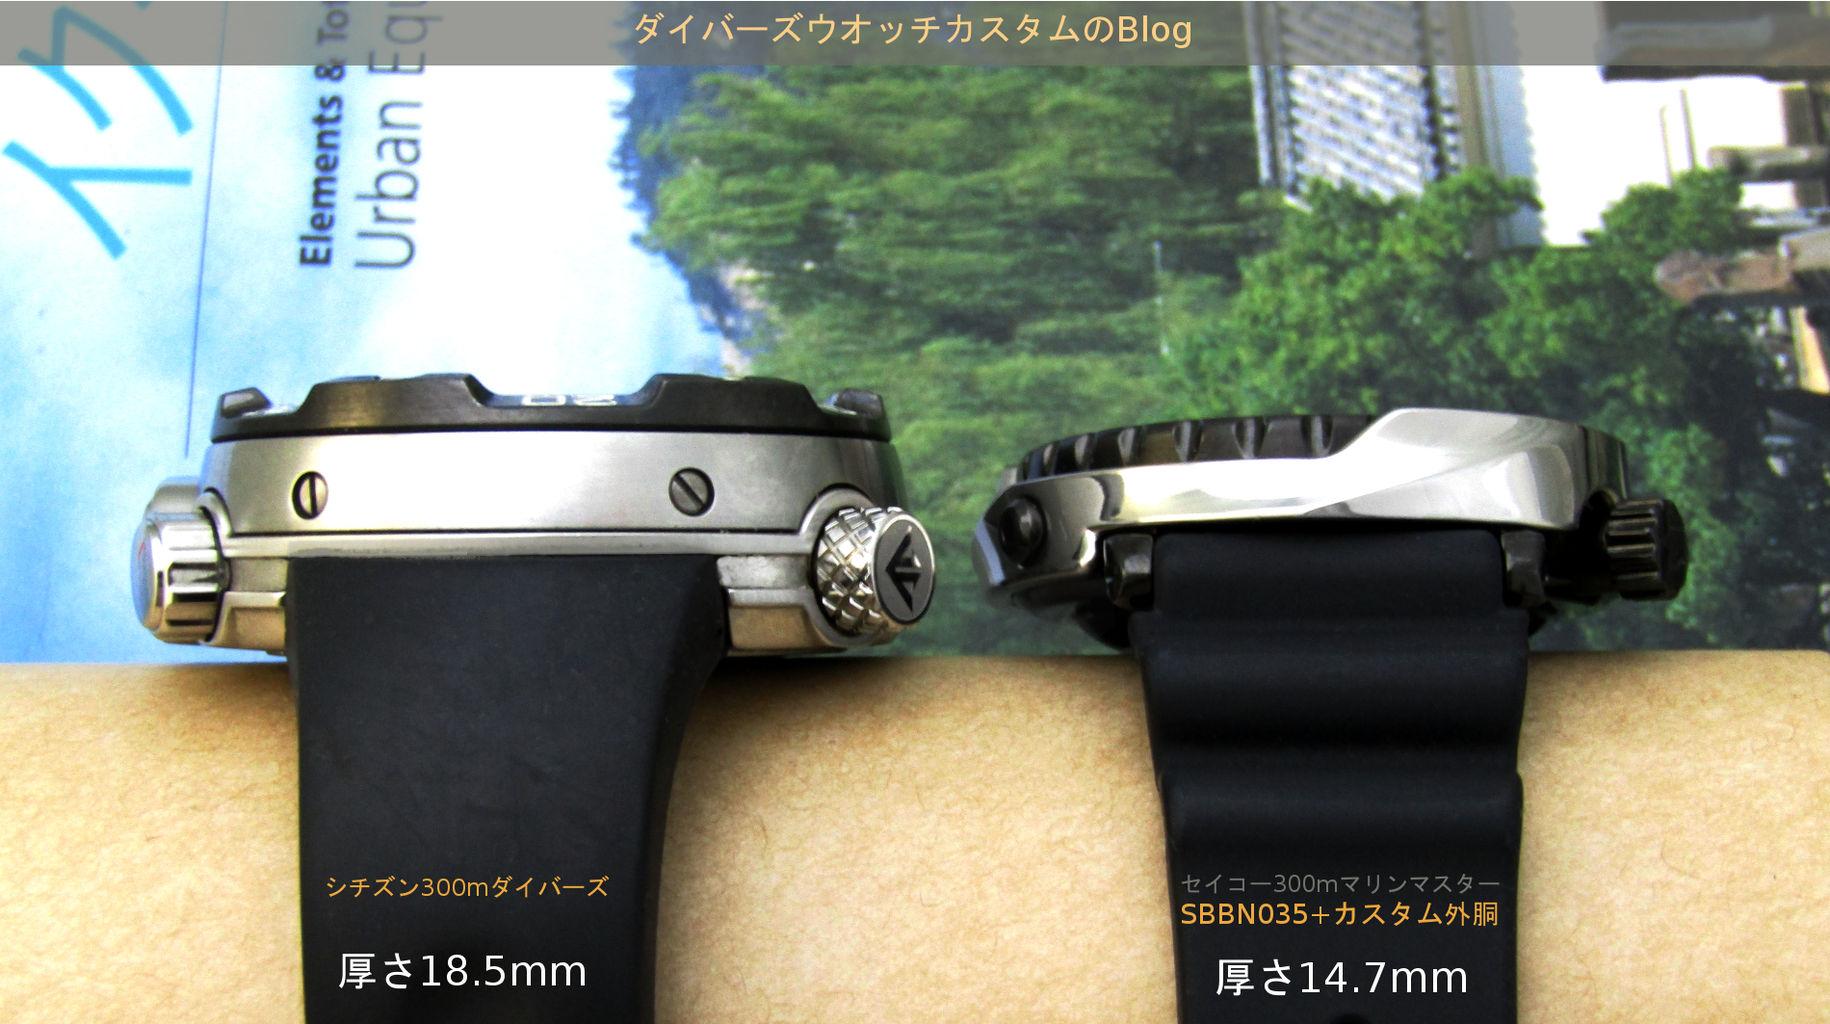 厚さ14.7mmと→18.5mm、126%増し ...